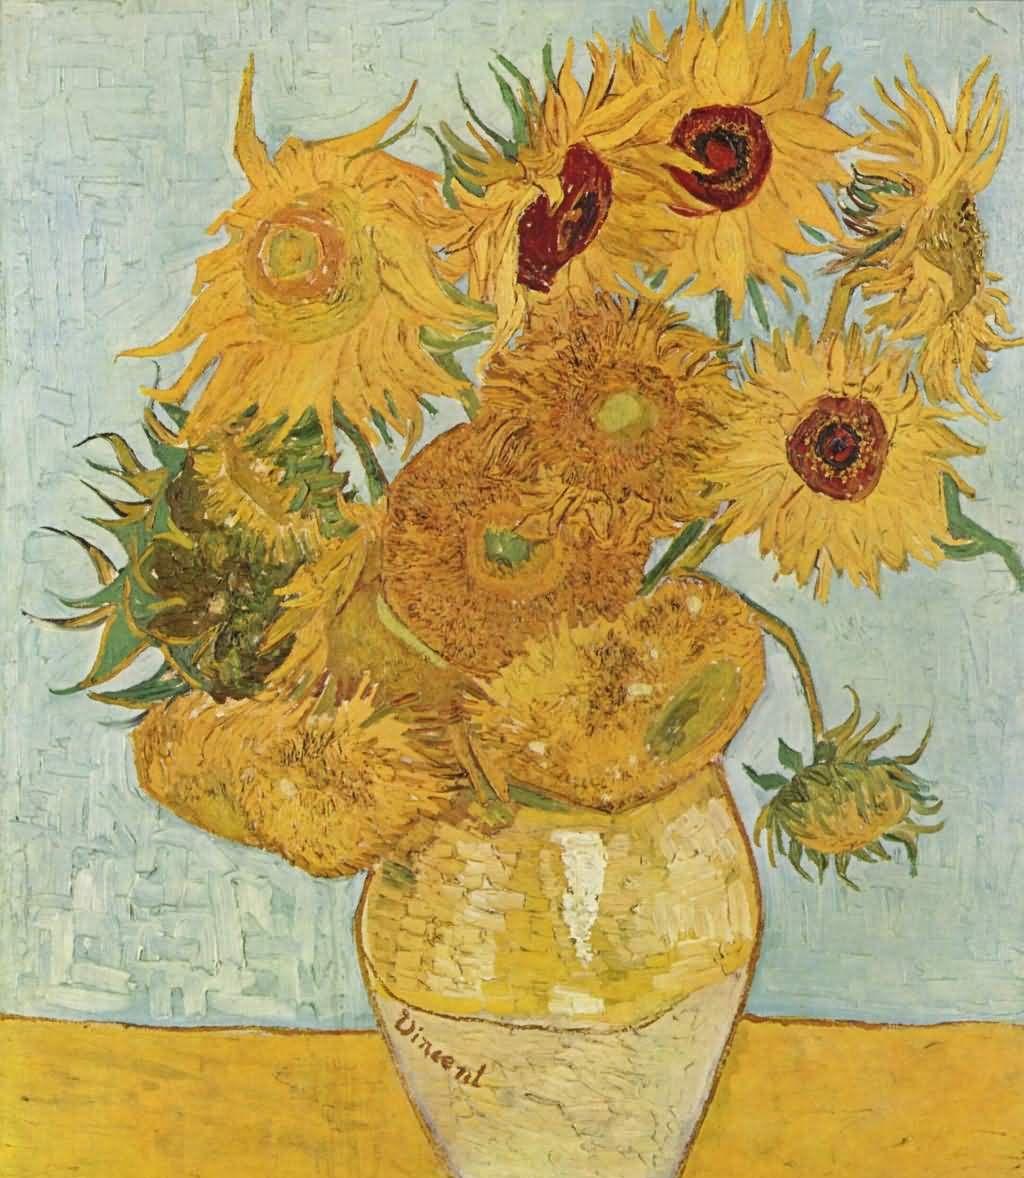 他的向日葵,是他用灵魂赋予的,用生命创作的,这就是梵高